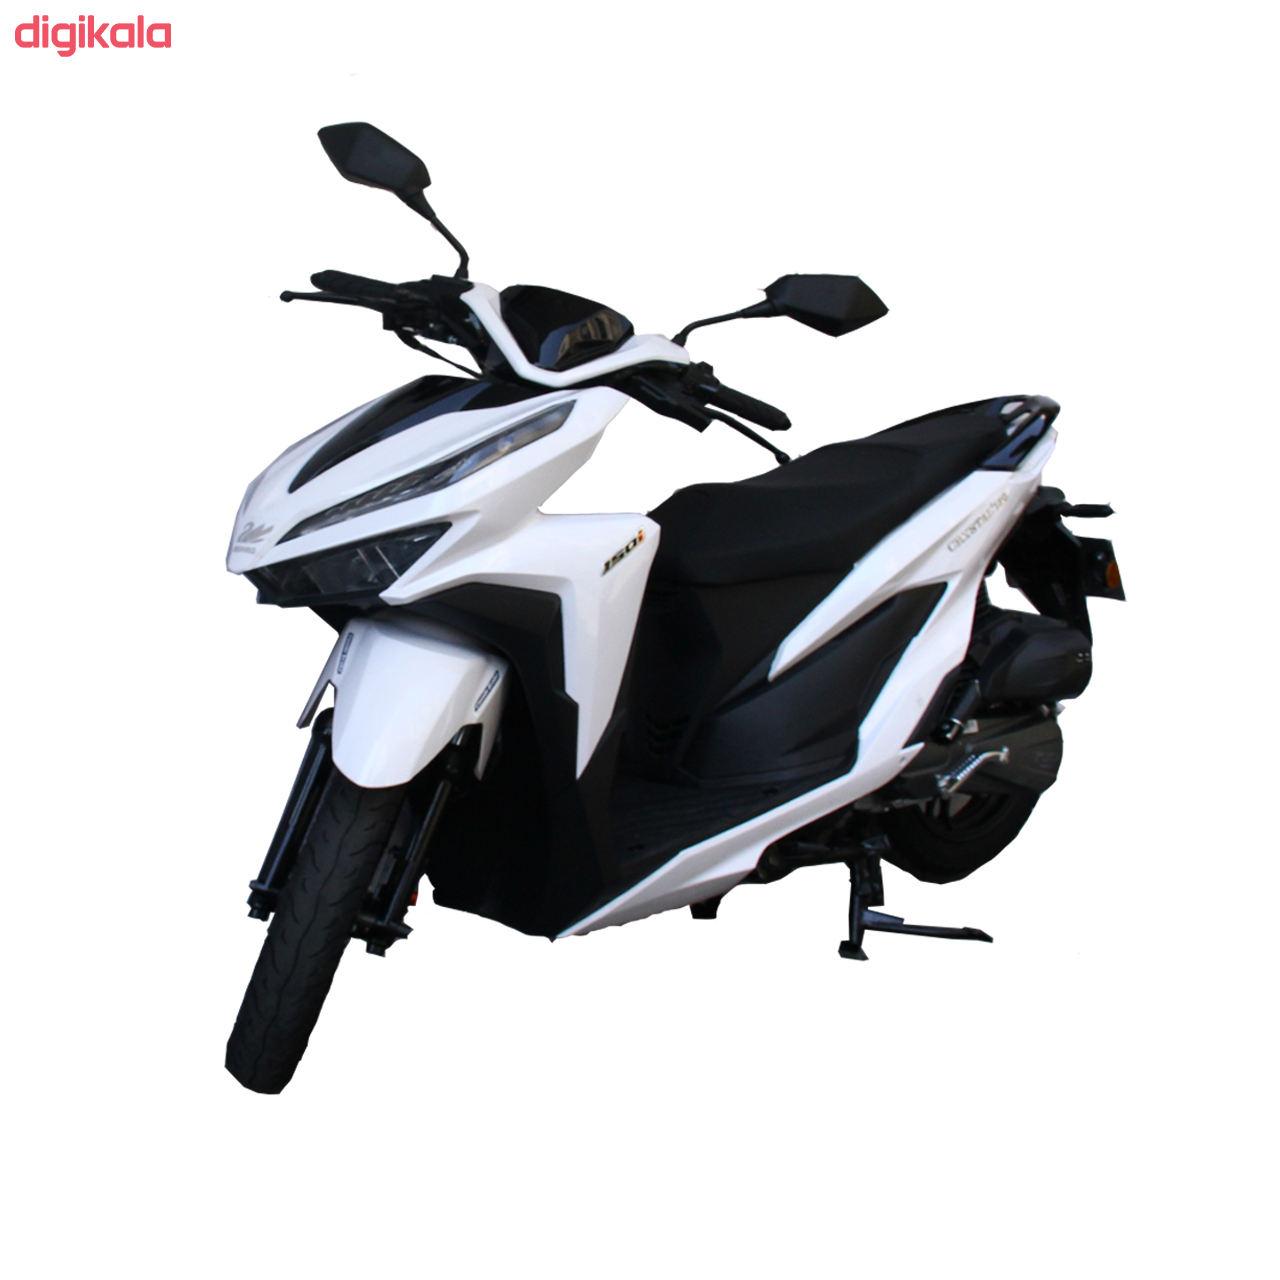 موتورسیکلت های کلیک مدل کریستال 125 سی سی سال 1399 main 1 4